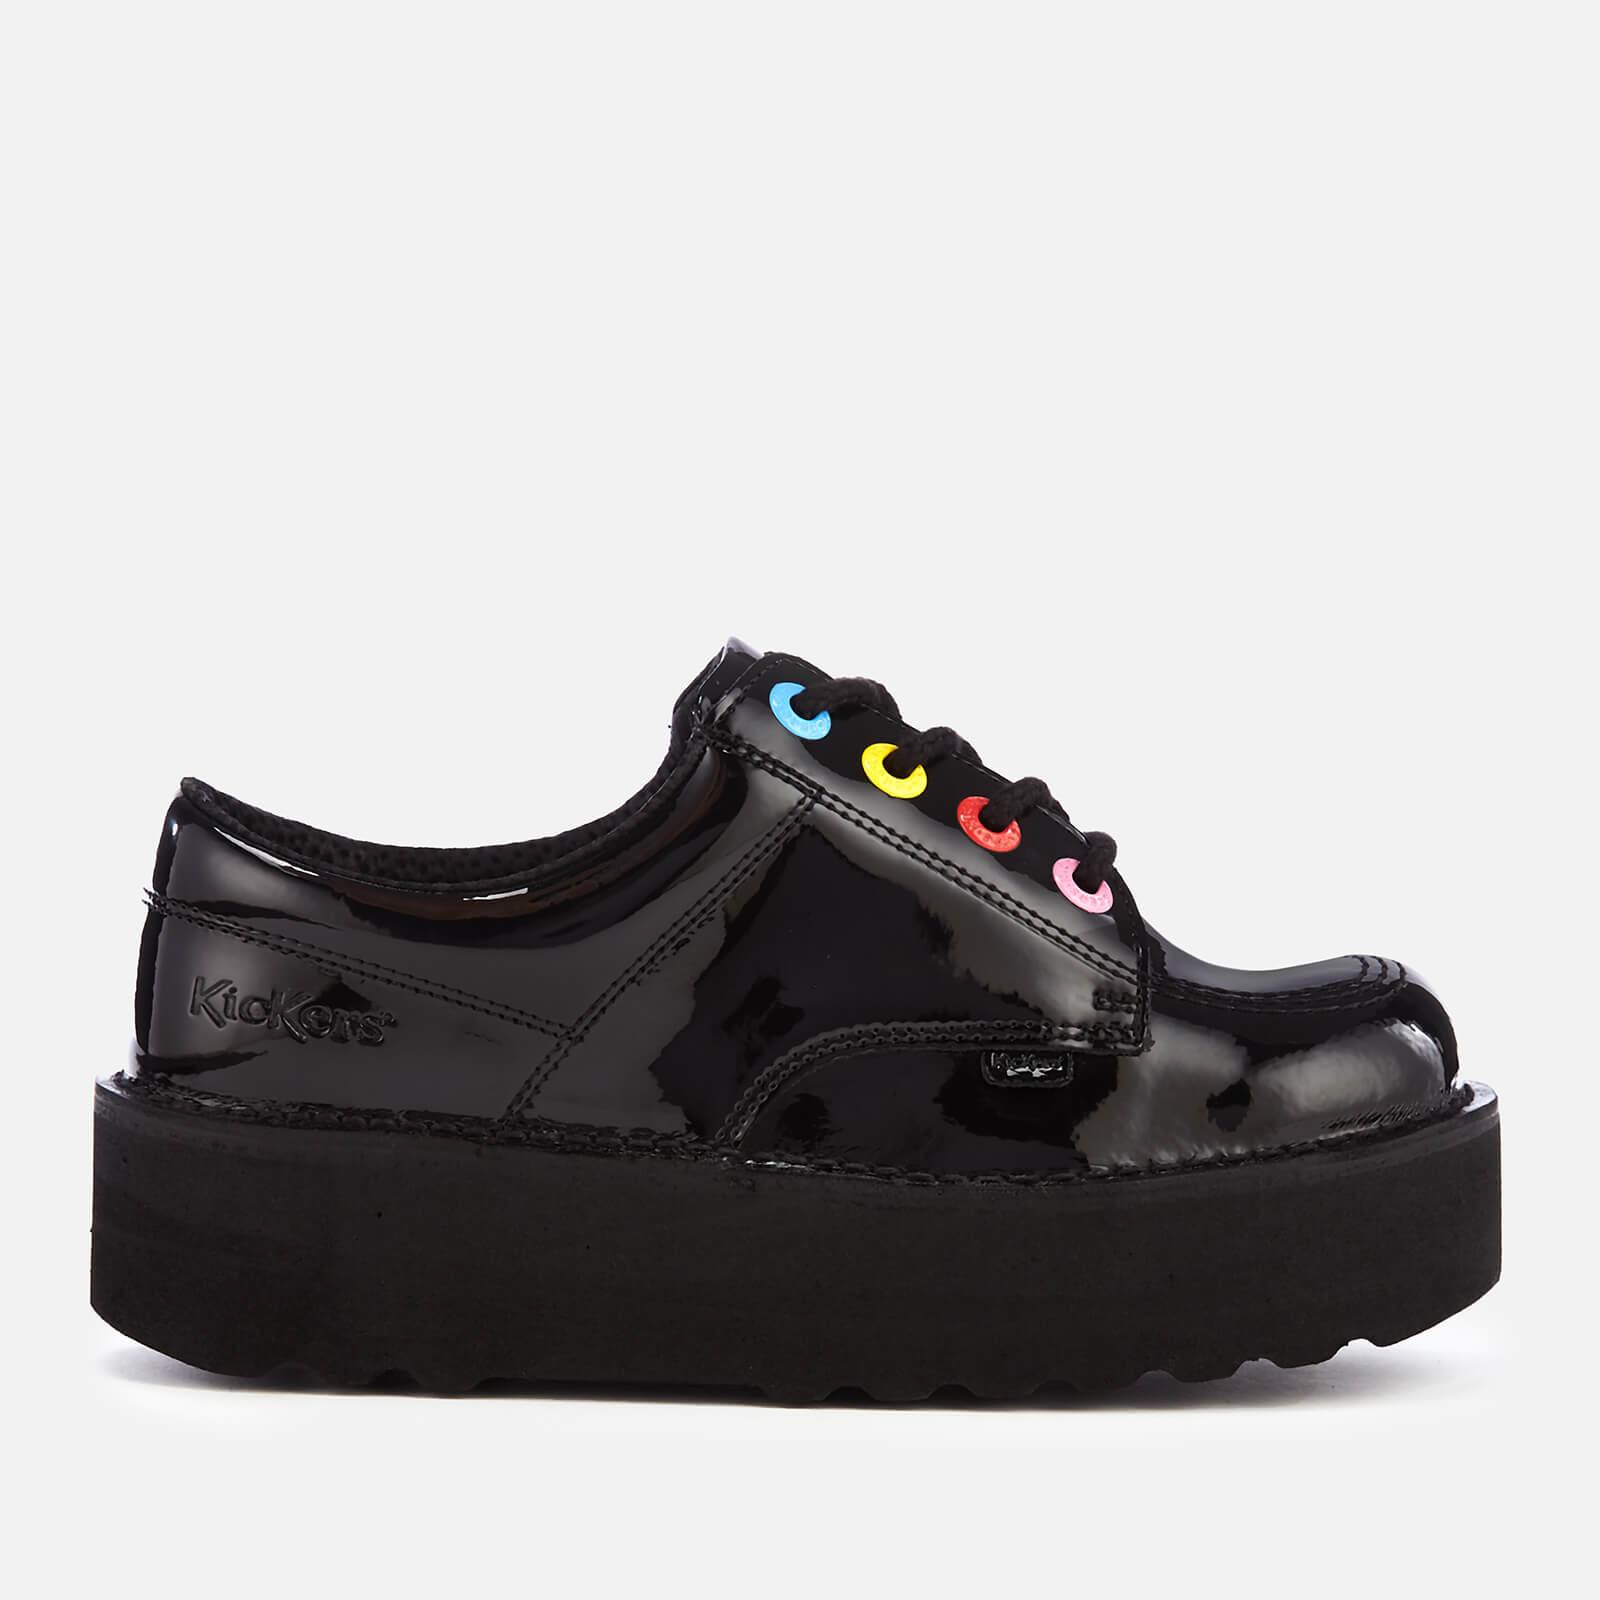 Kickers Women's Kick Lo Stack Patent Leather Shoes - Black/Multi - UK 6 - Black